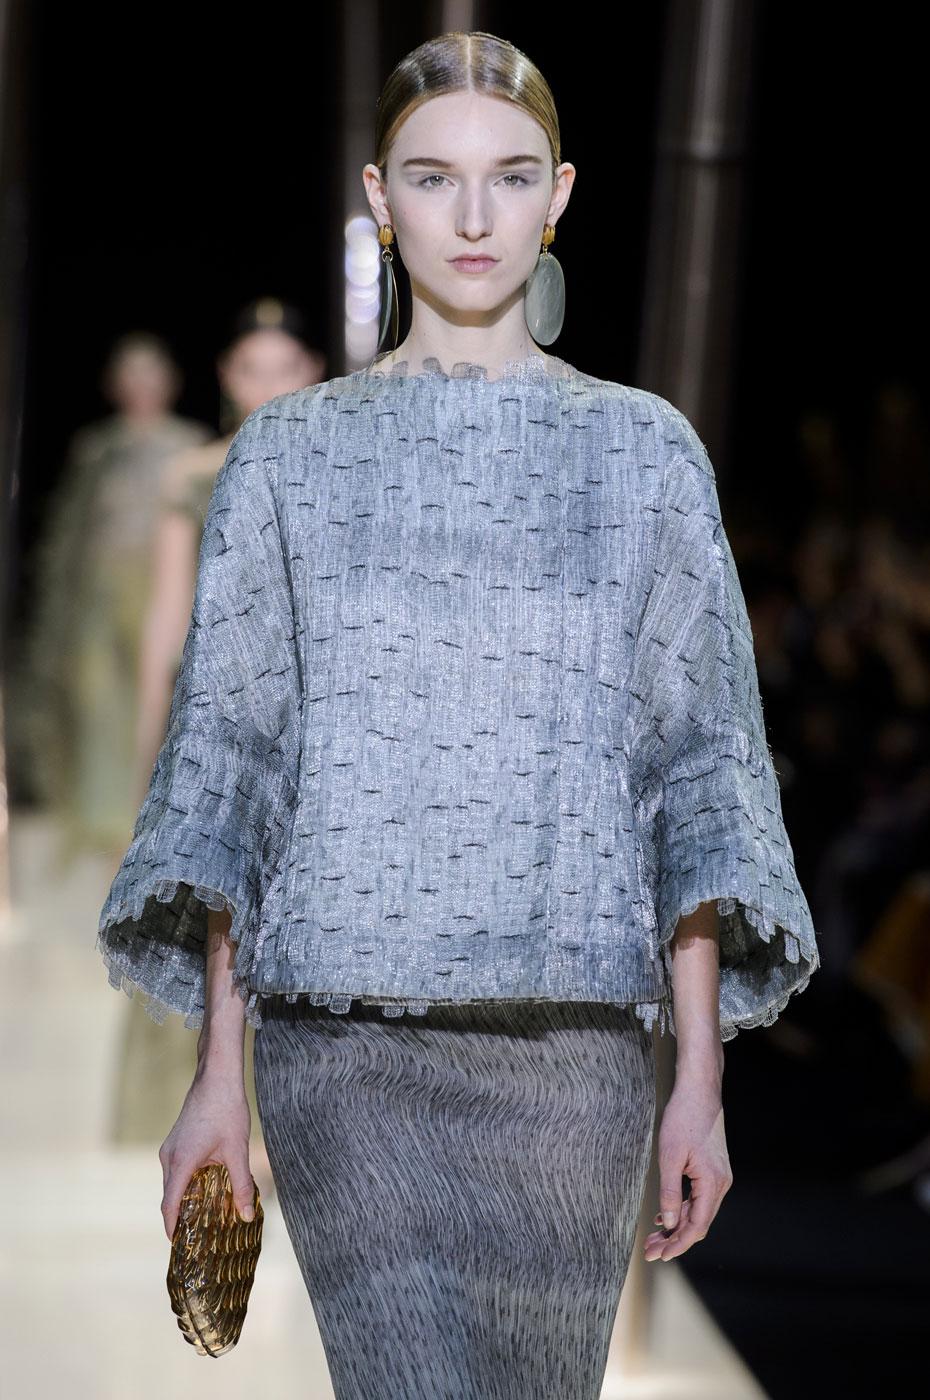 Giorgio-armani-Prive-fashion-runway-show-haute-couture-paris-spring-2015-the-impression-044